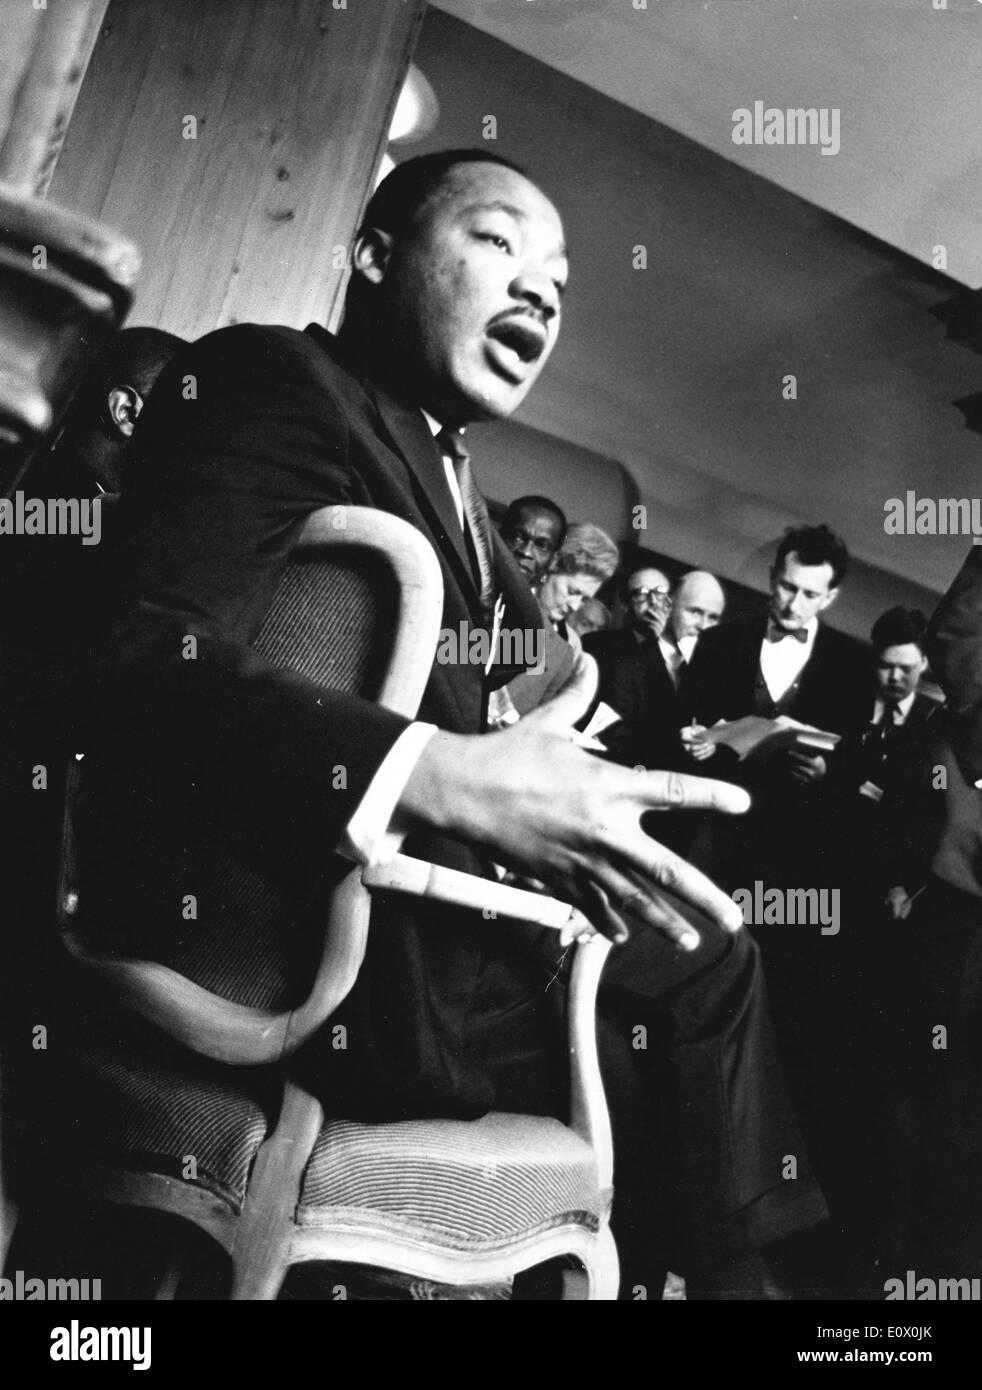 Martin Luther King Jr. en una silla hablando en Londres Foto de stock